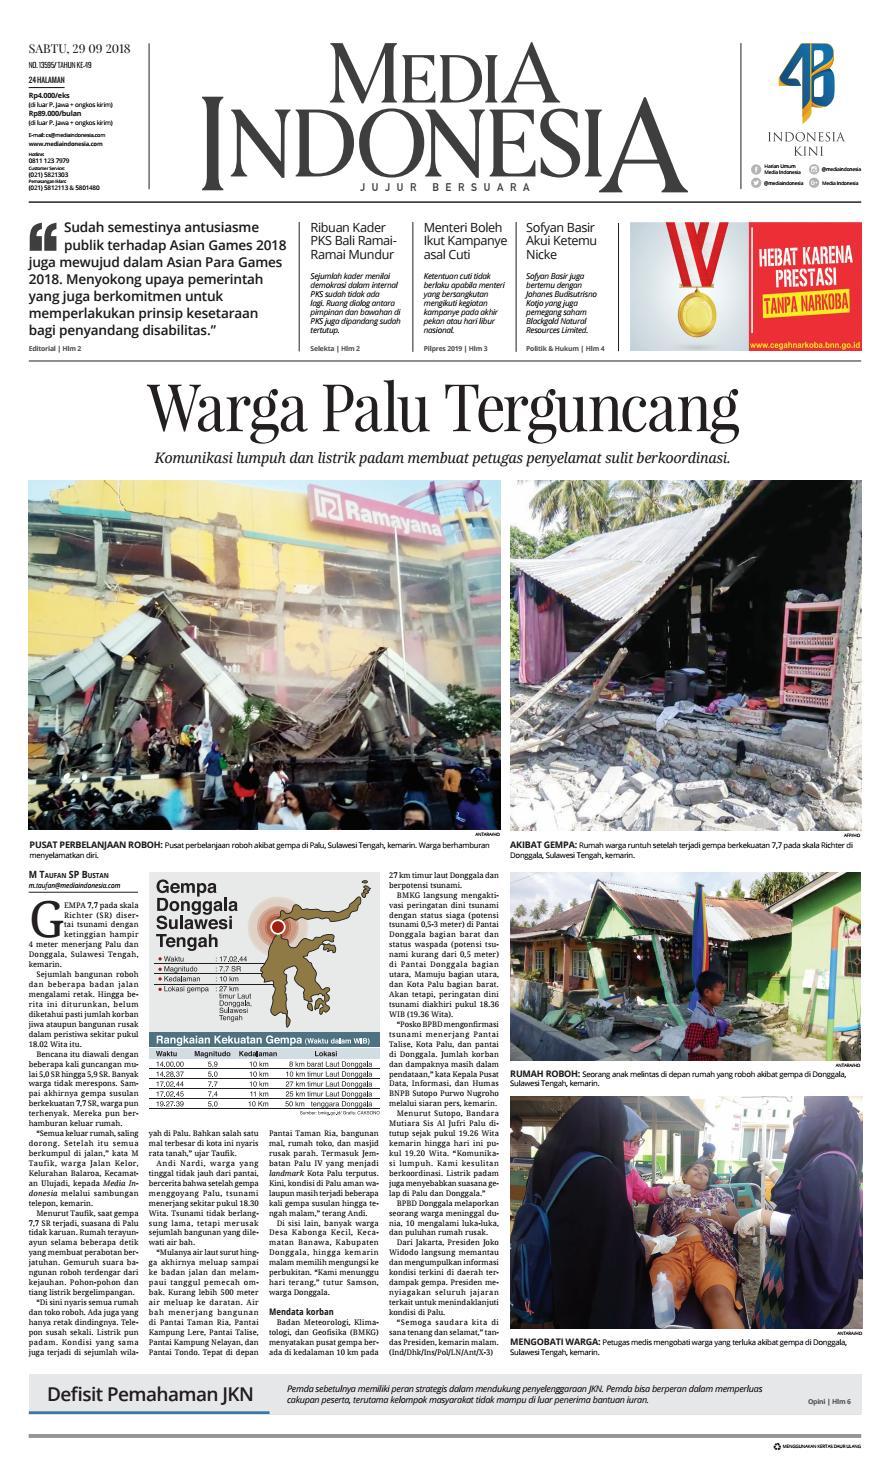 Media Indonesia 29 September 2018 By Mediaindonesia Issuu